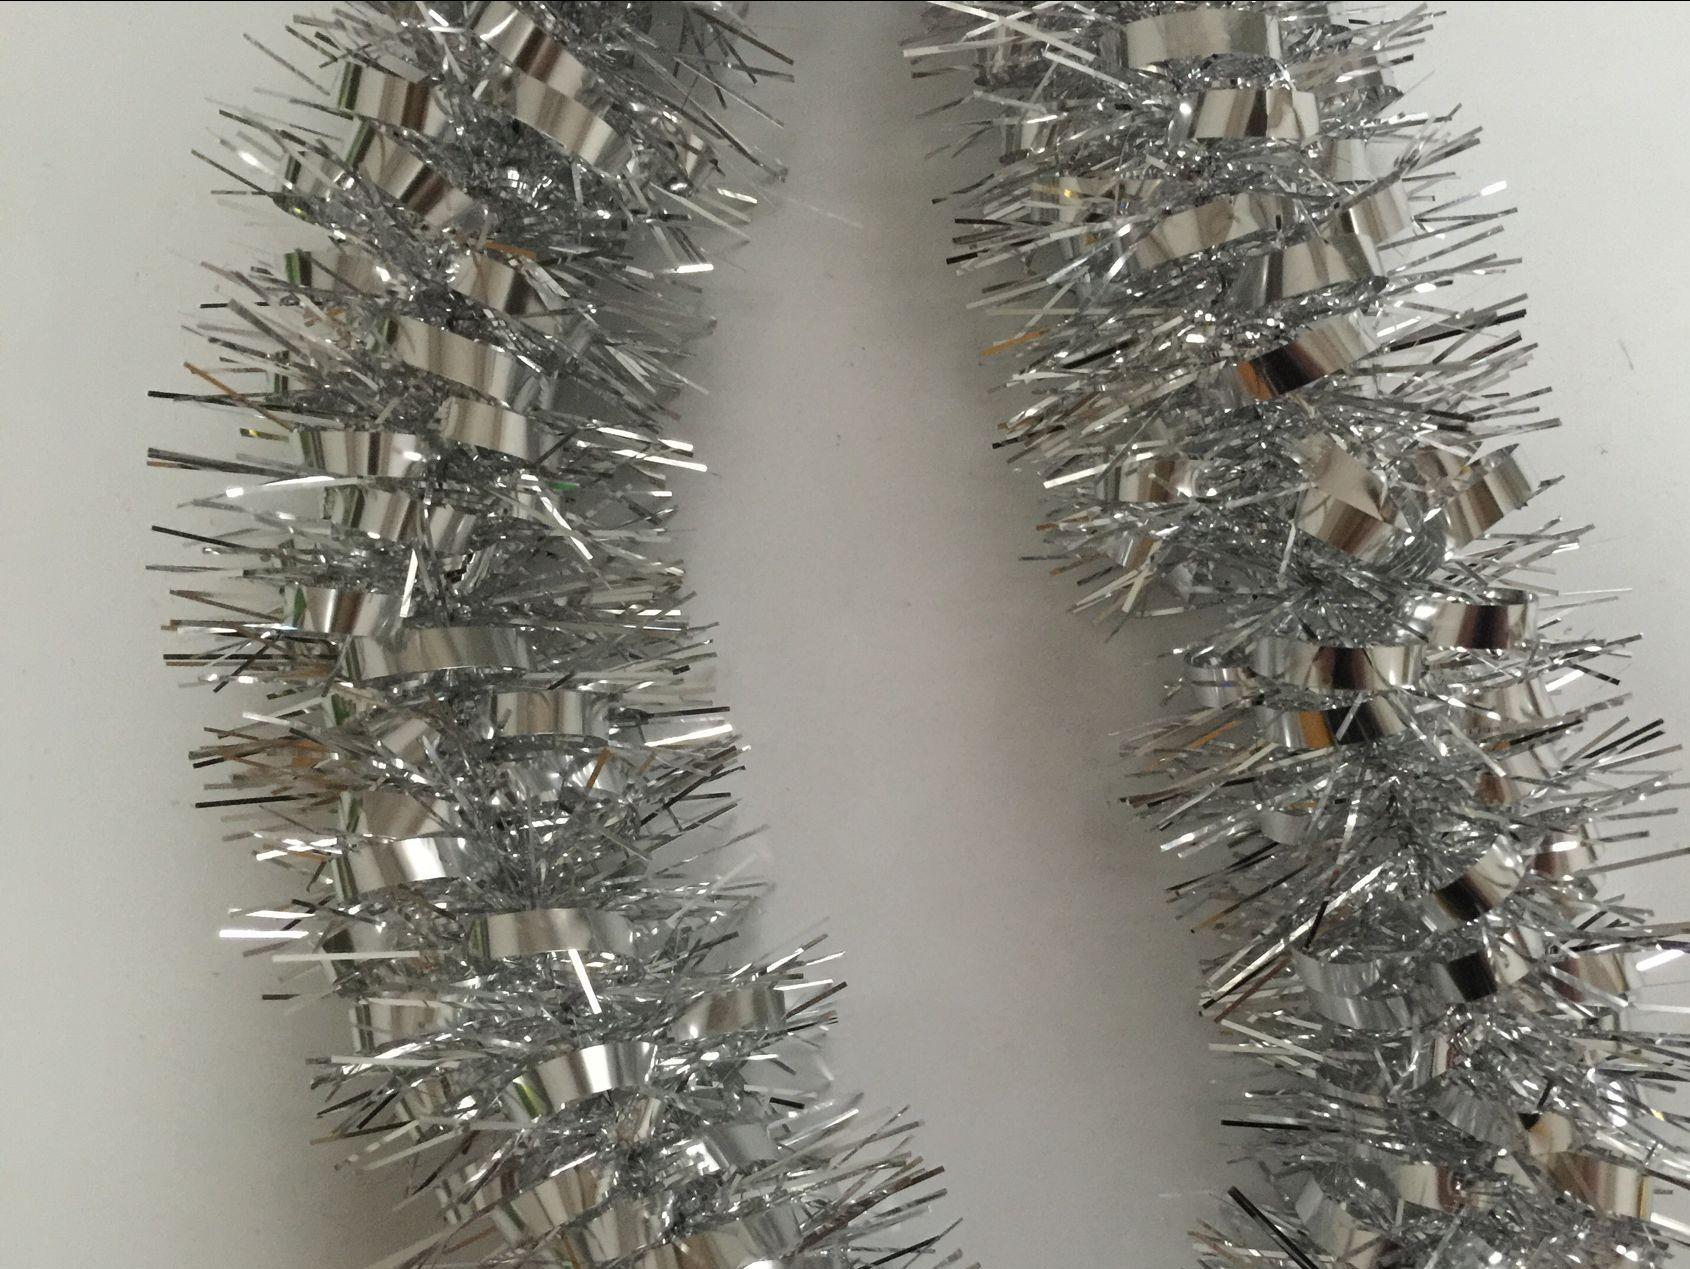 婚庆加粗彩条毛条拉花彩带活动晚会布置结婚装饰圣诞用品定制批发